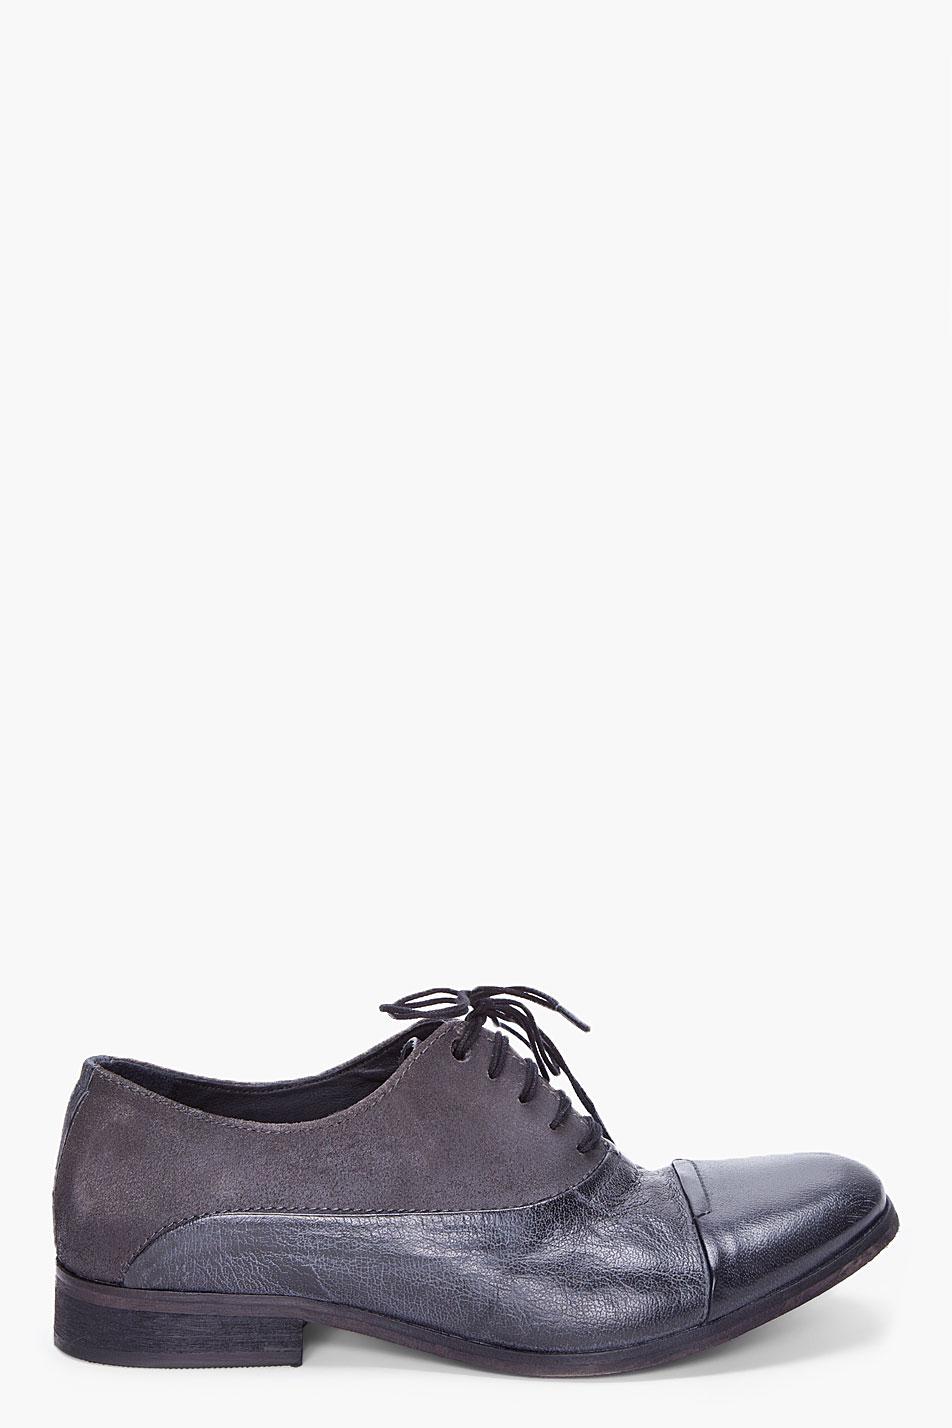 Diesel Chrom Dress Shoes In Black For Men Lyst